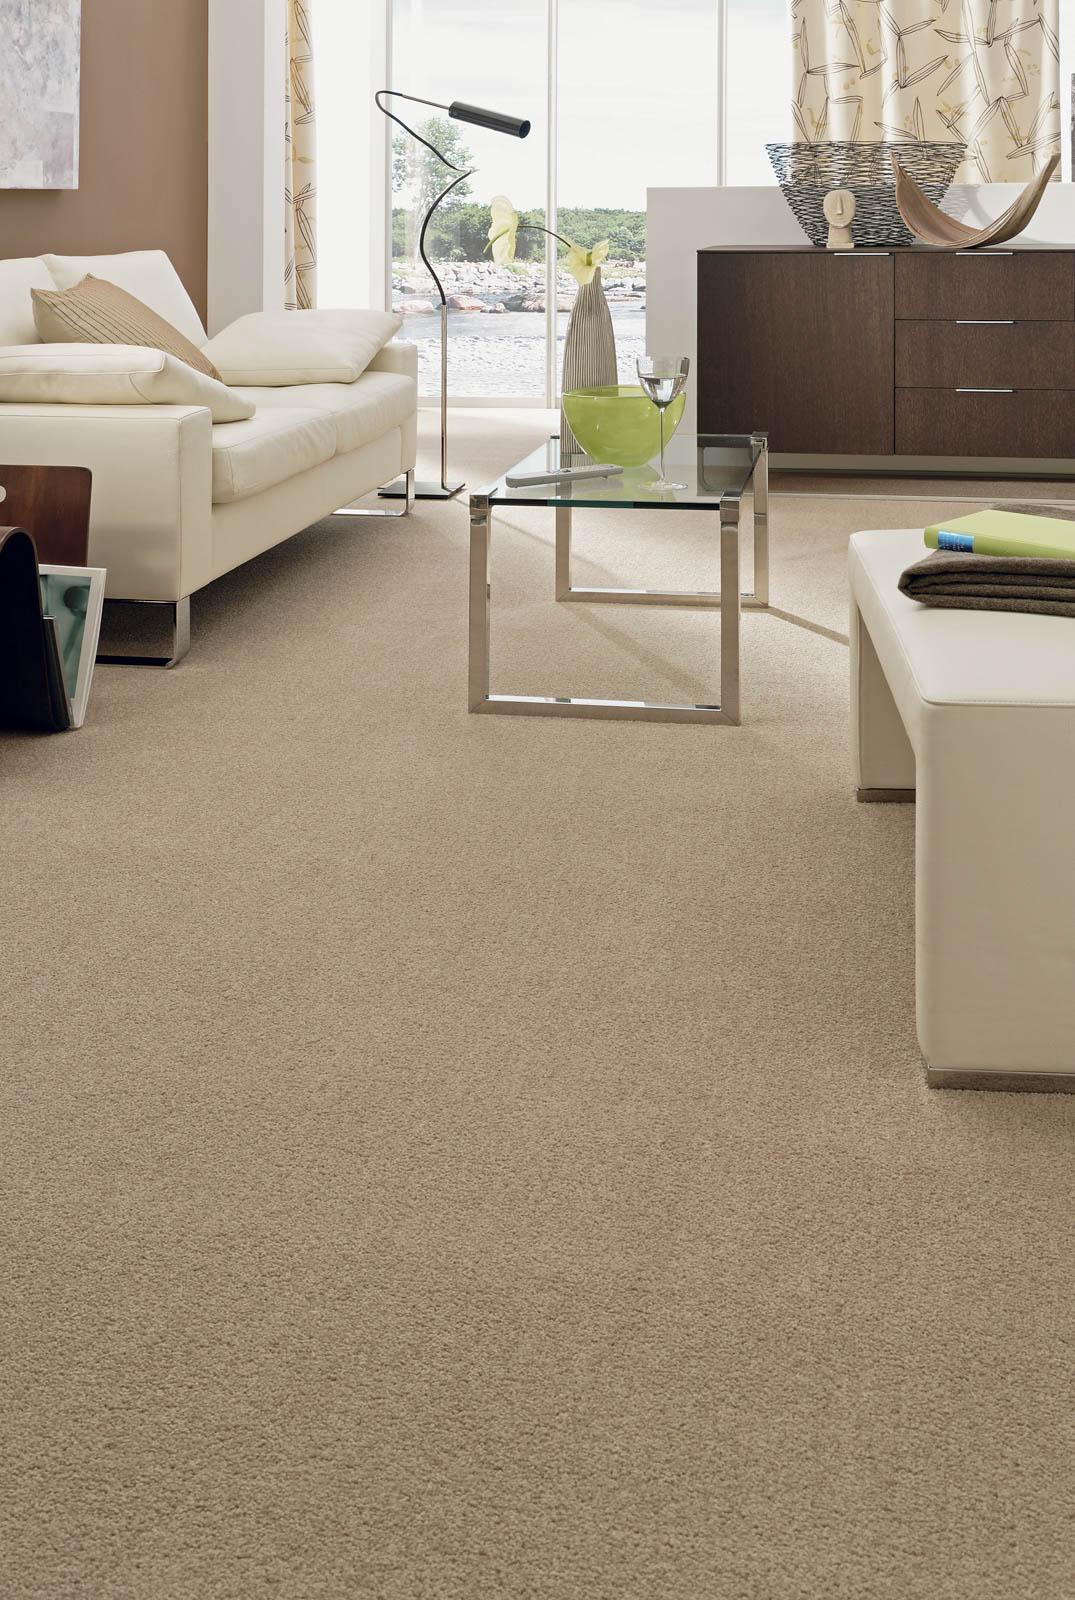 vinylboden auf teppich vinylboden untergrund vollbild vinyl verlegen vorbereiten teppich with. Black Bedroom Furniture Sets. Home Design Ideas